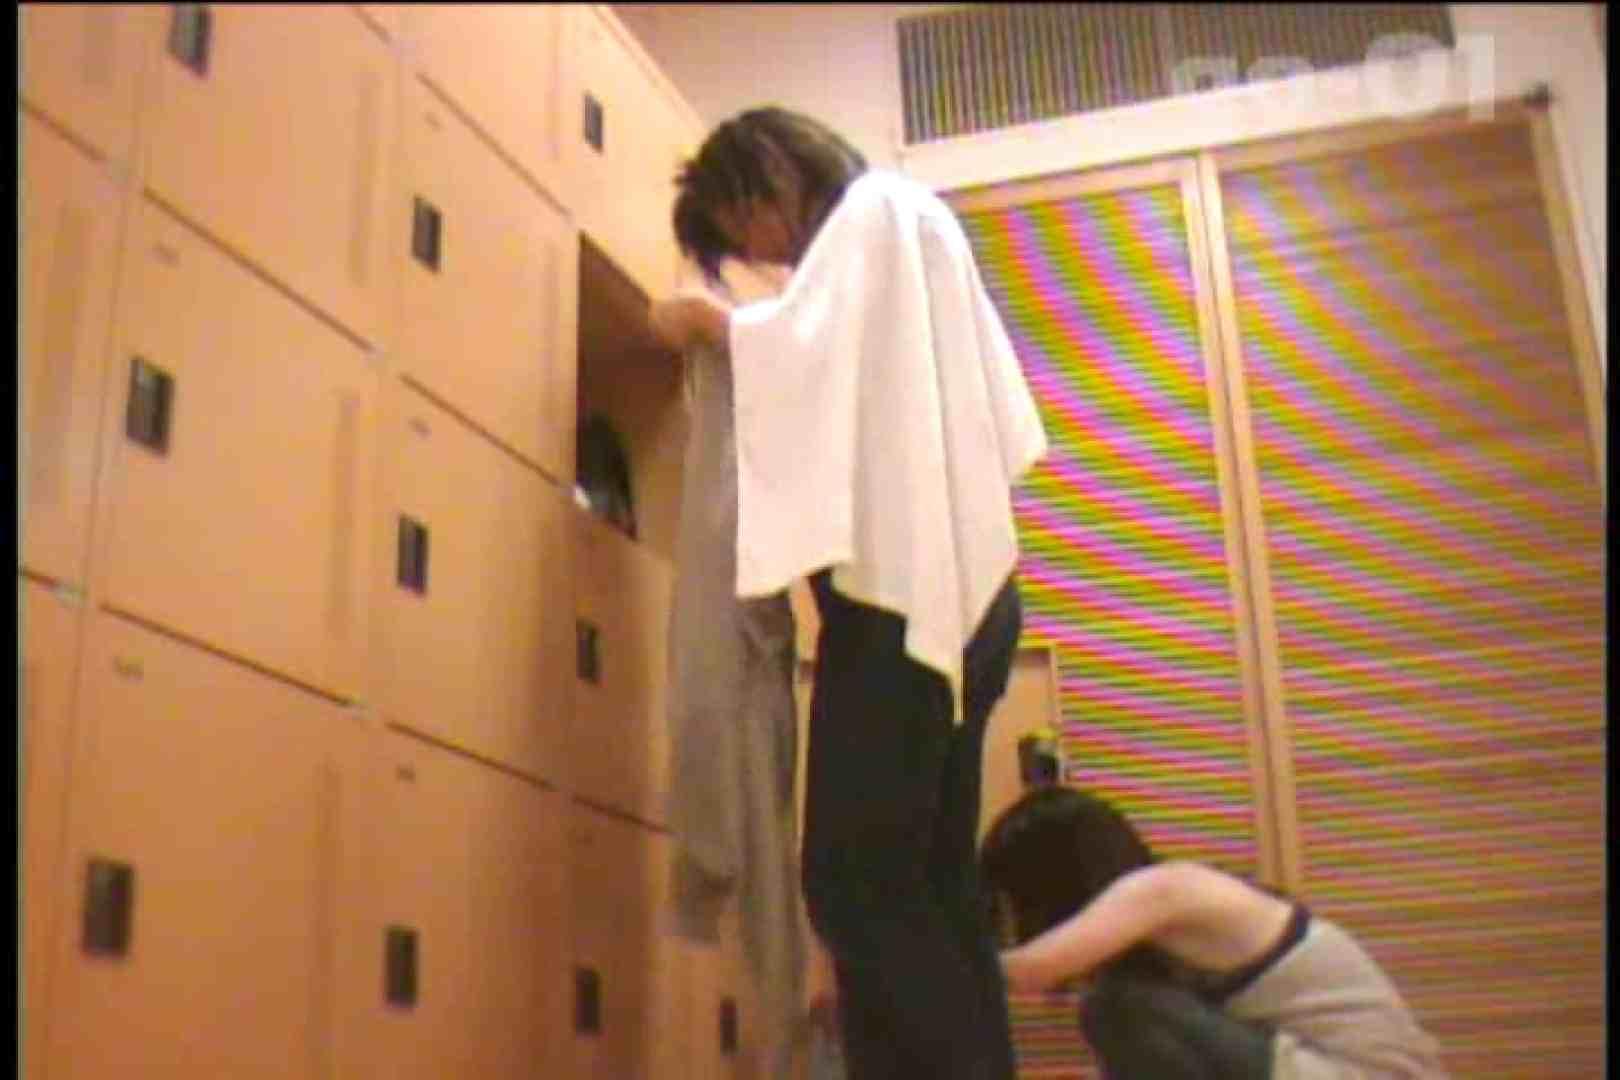 電波カメラ設置浴場からの防HAN映像 Vol.01 盗撮  85pic 3